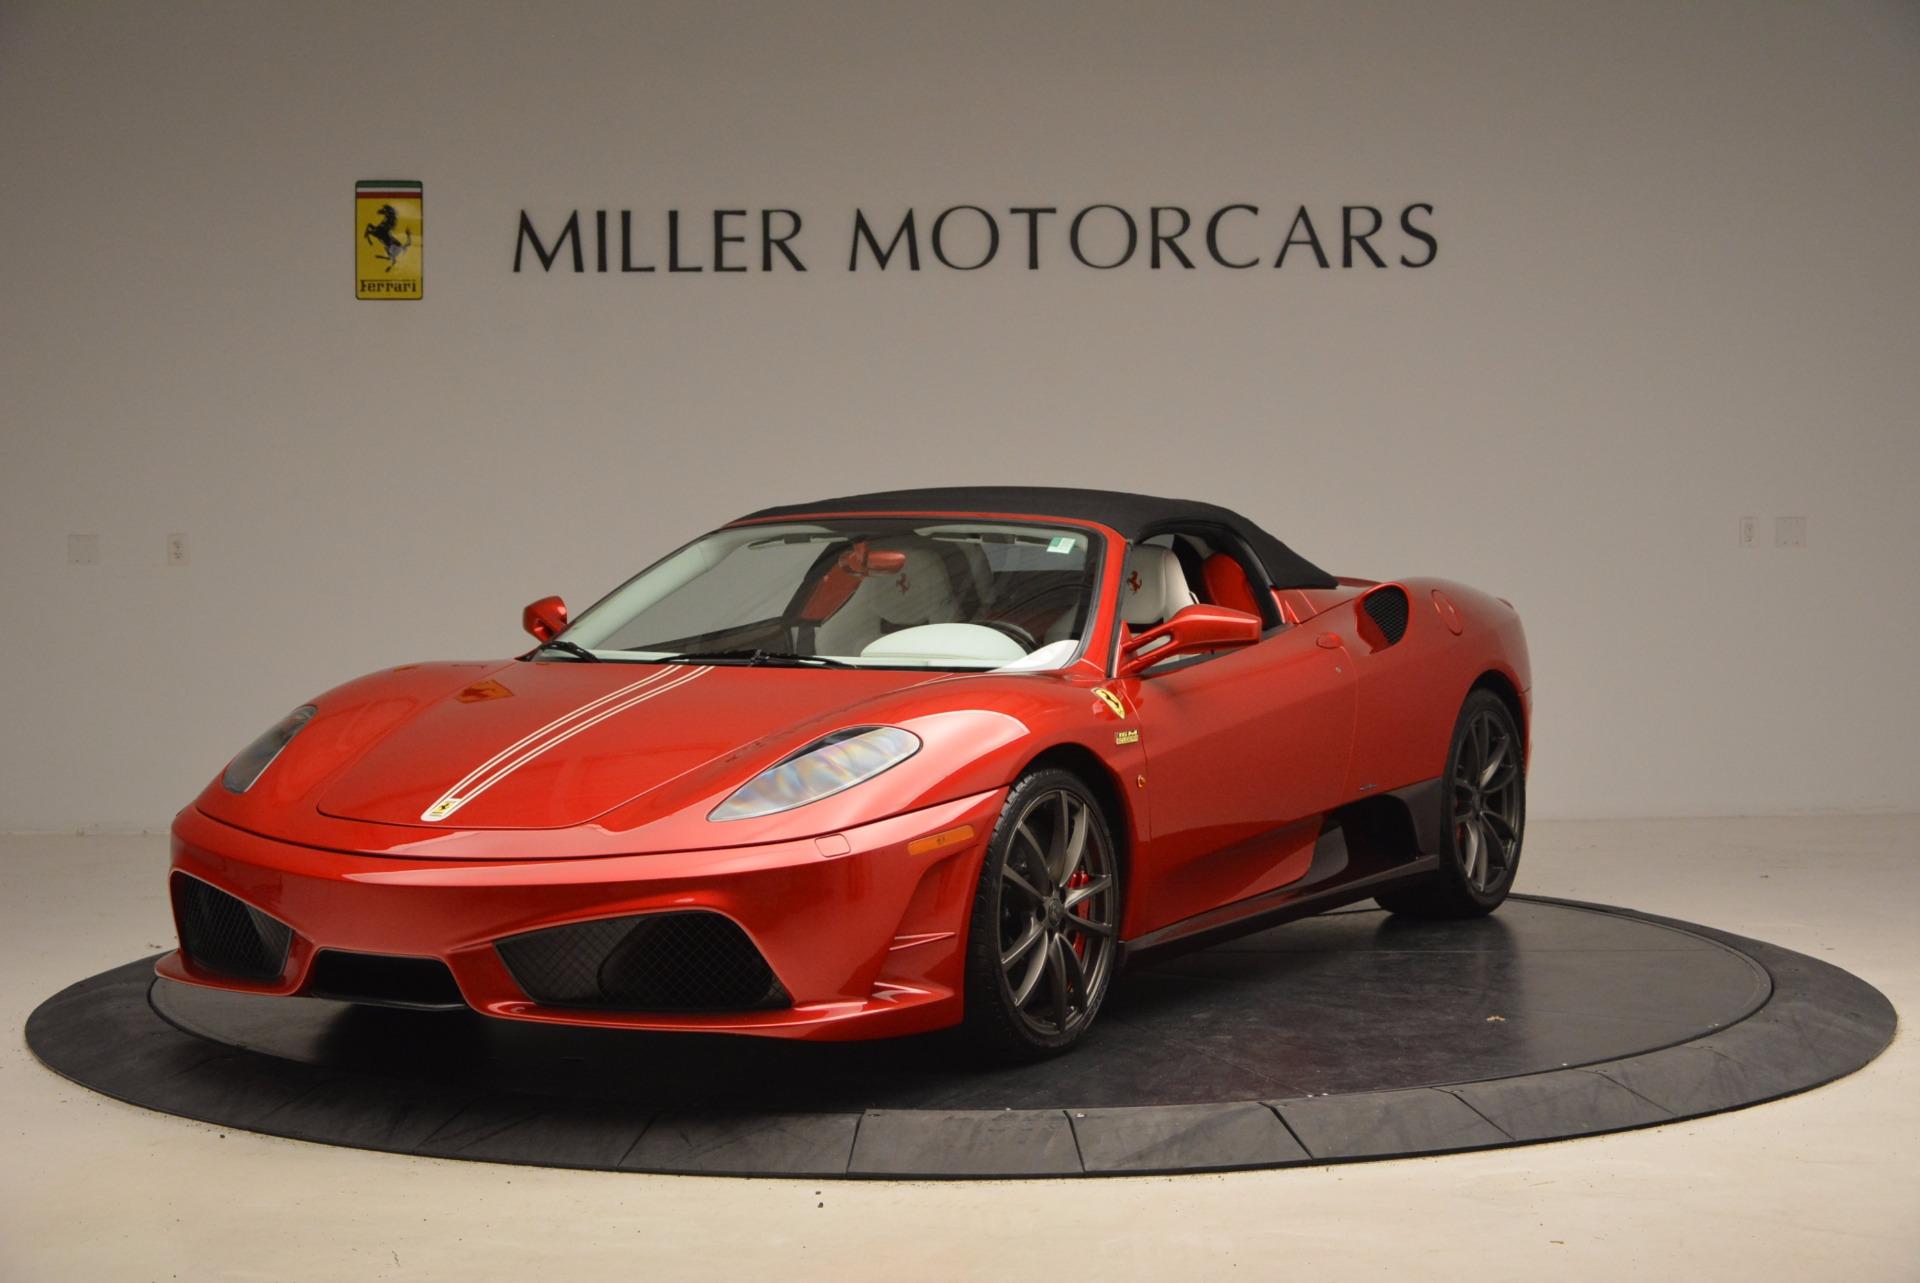 Used 2009 Ferrari F430 Scuderia 16M For Sale In Greenwich, CT 1398_p13